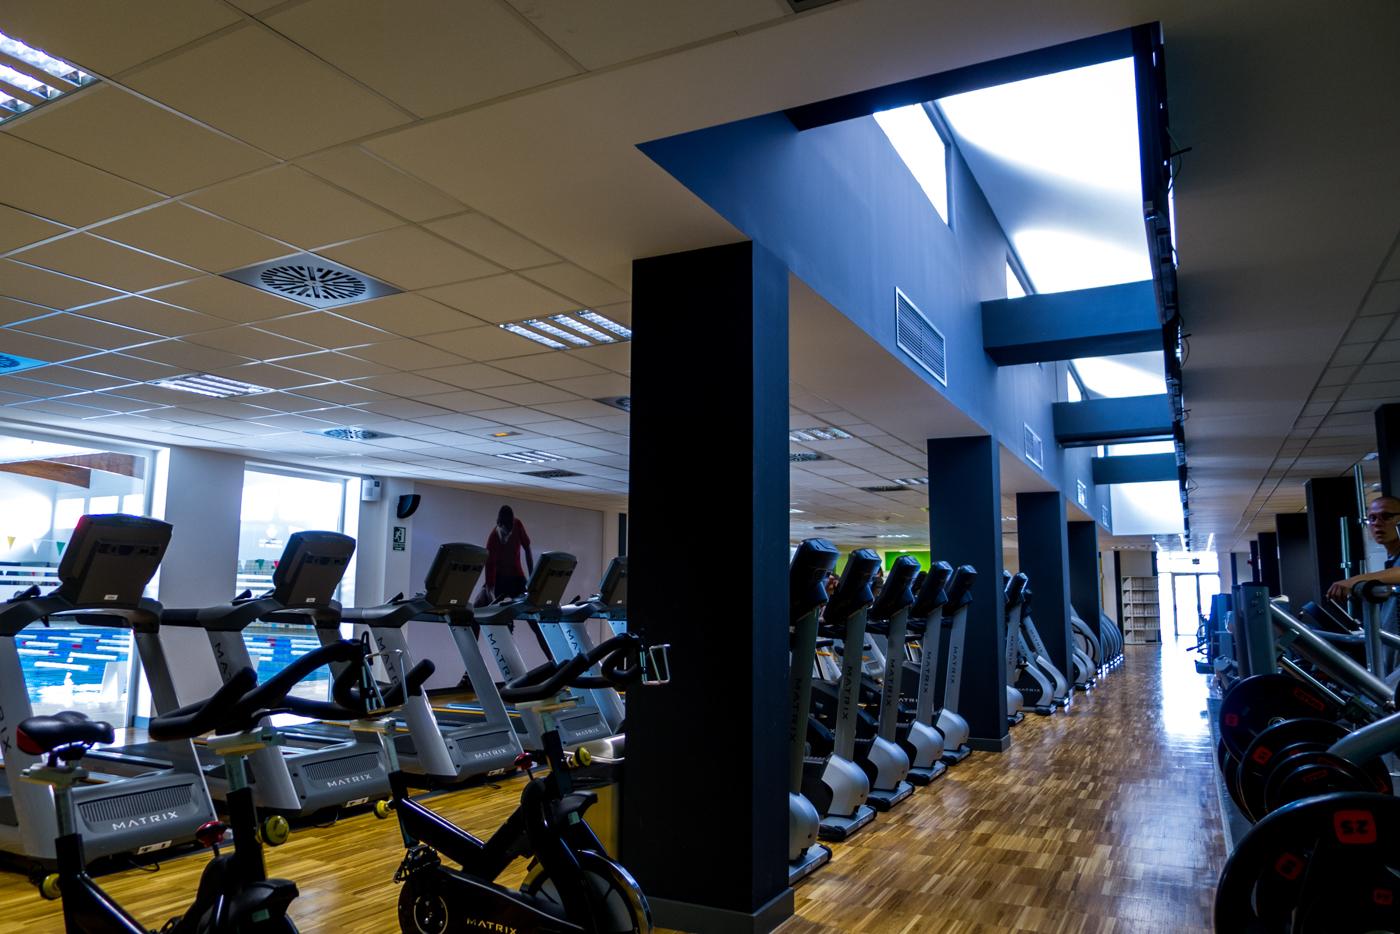 Valencia rambleta fitness 2 estudio de arquitectura madrid for Estudios arquitectura madrid